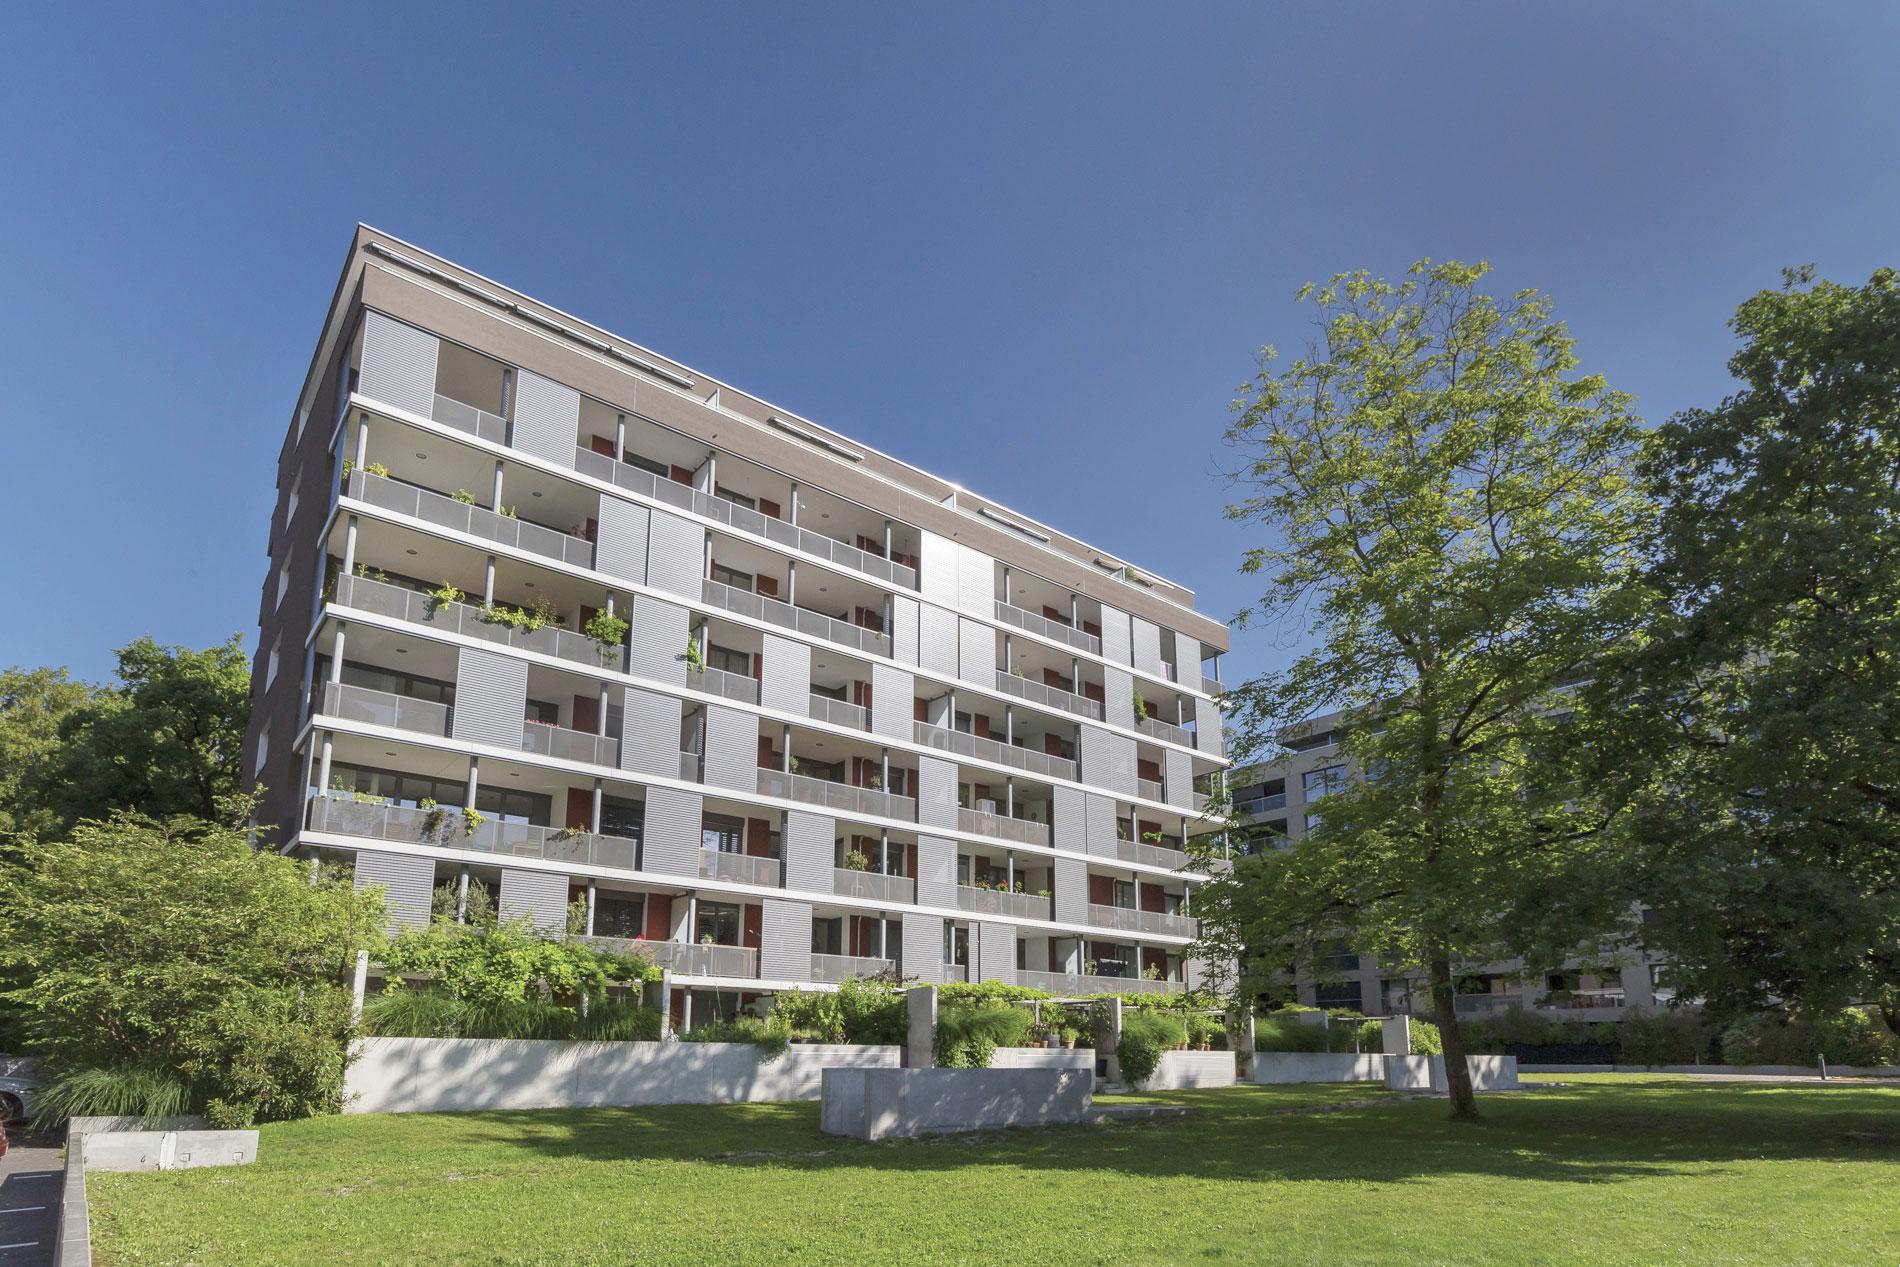 Reportage photos architecture Genève Suisse